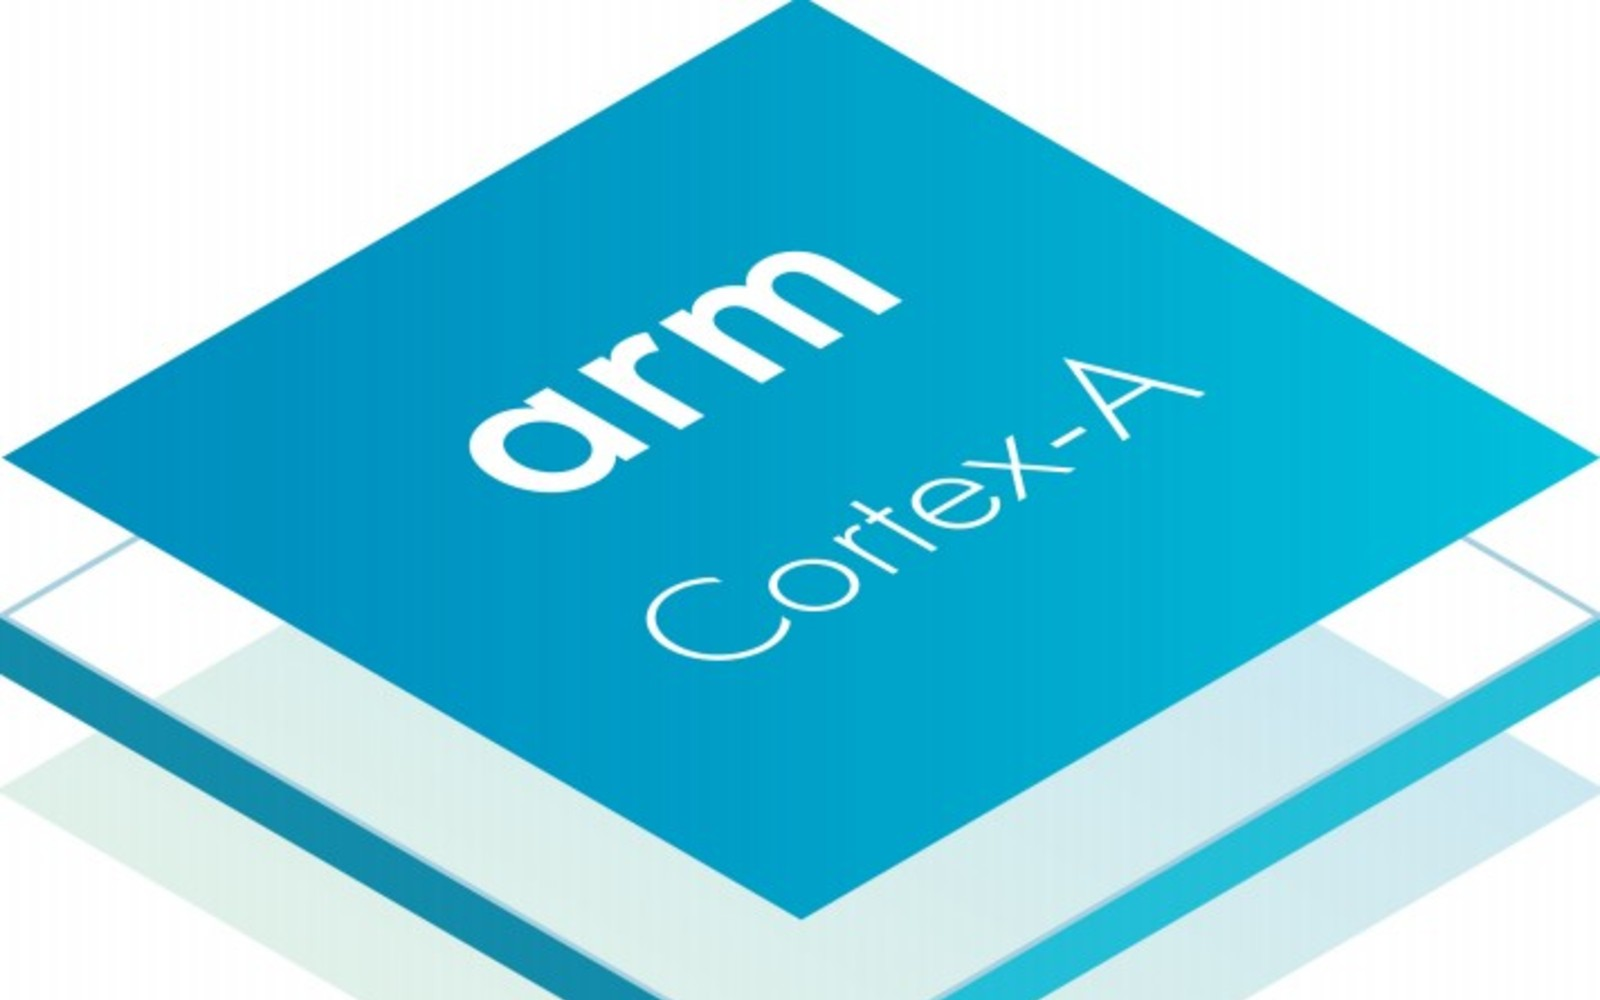 arm cortex-a